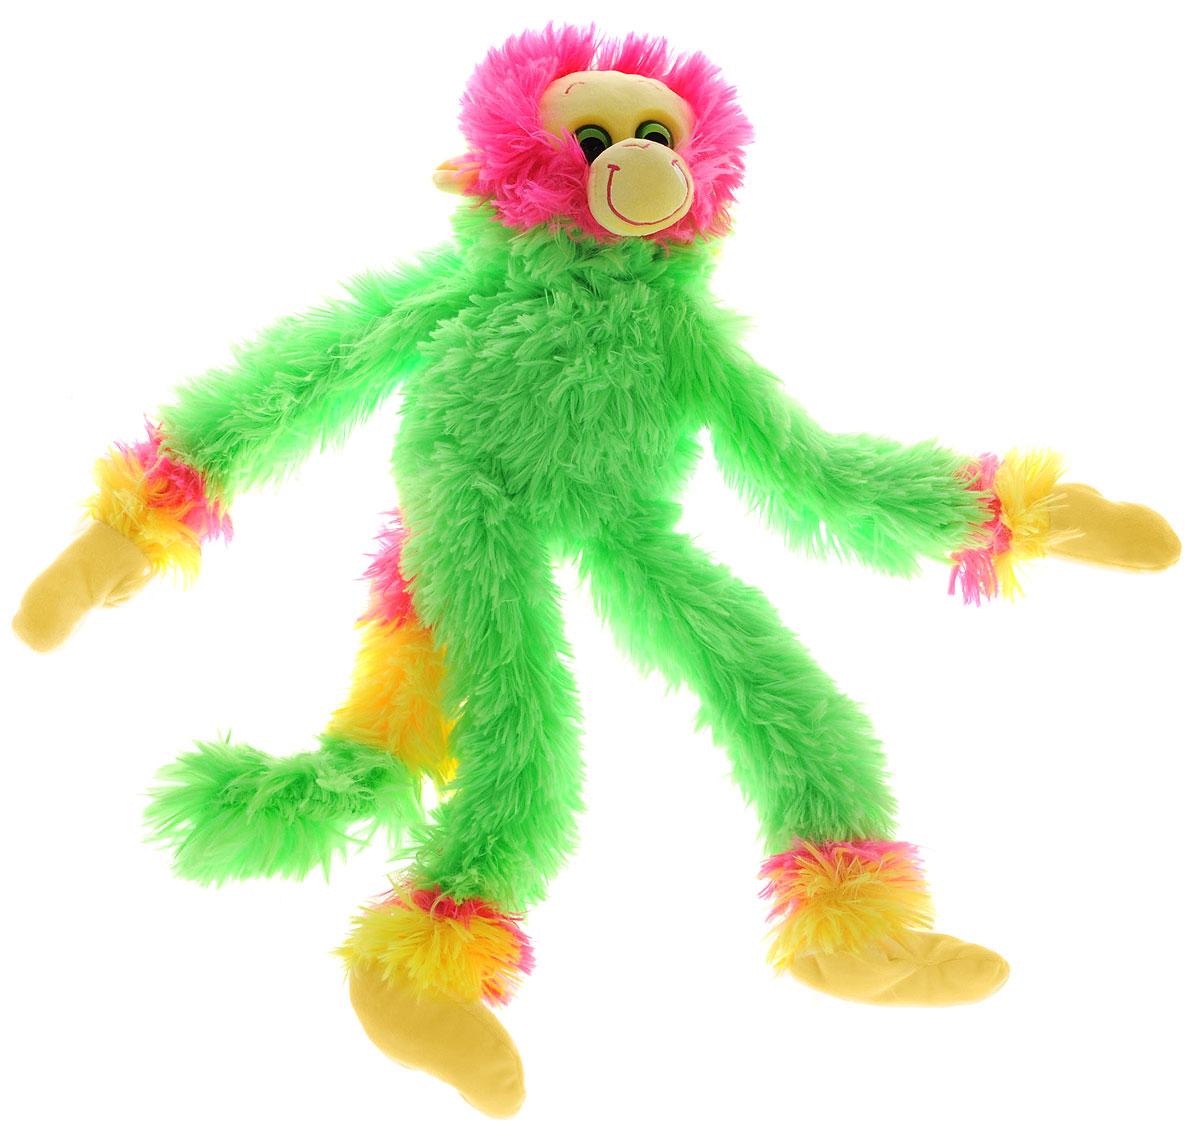 СмолТойс Мягкая игрушка Обезьянка Машка-обнимашка цвет салатовый 60 см